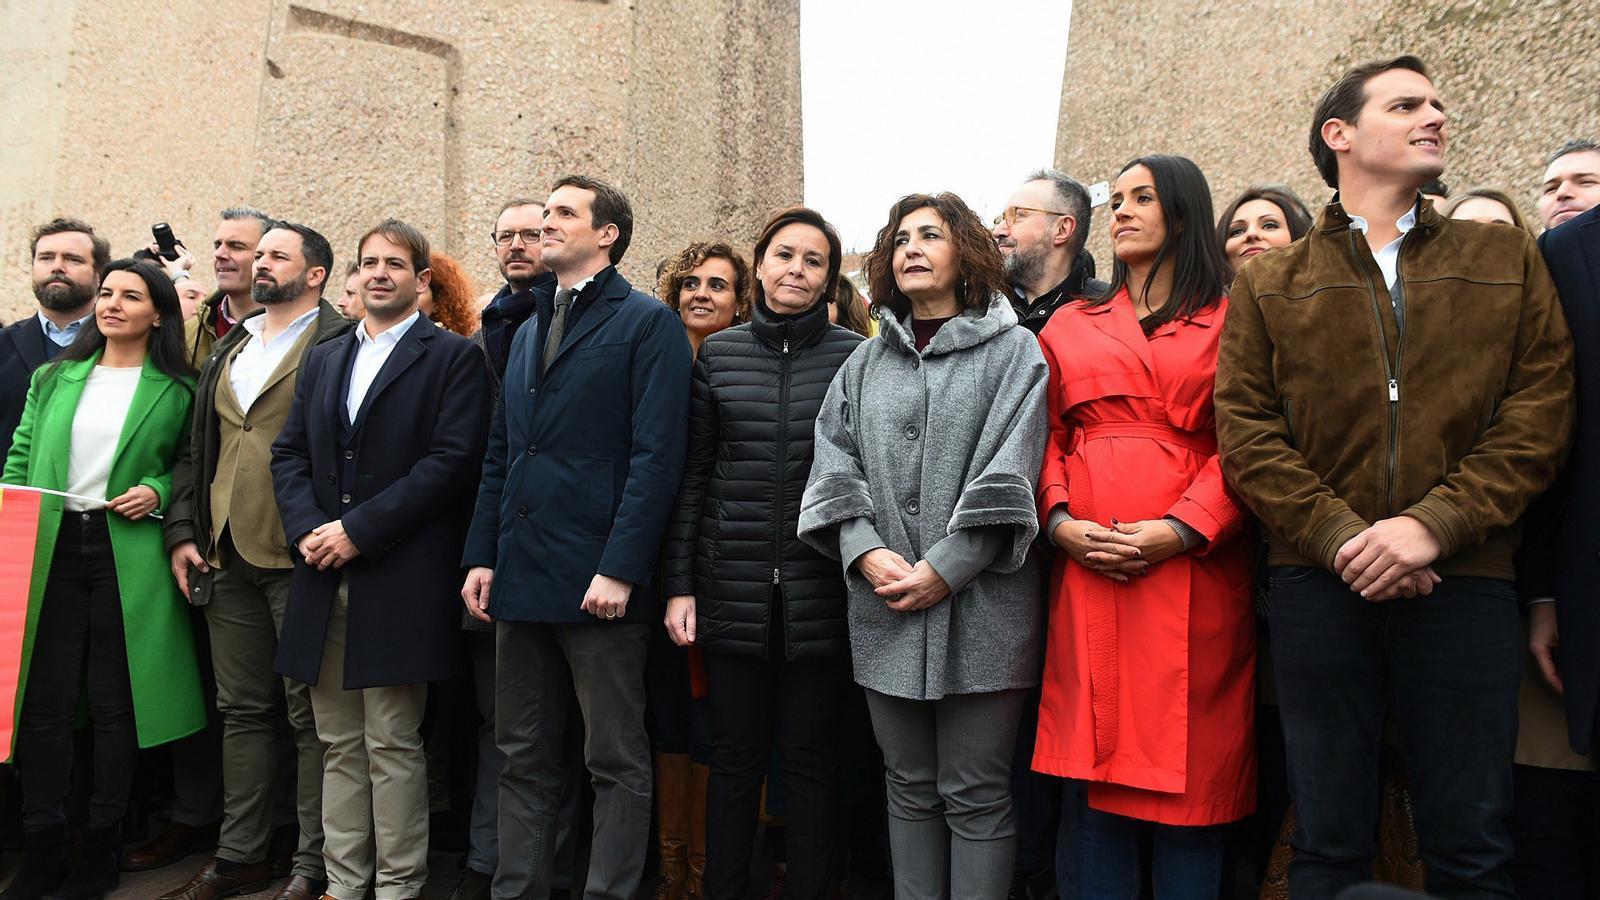 L'anàlisi d'Antoni Bassas: 'La campanya ja l'ha guanyat la ultradreta'